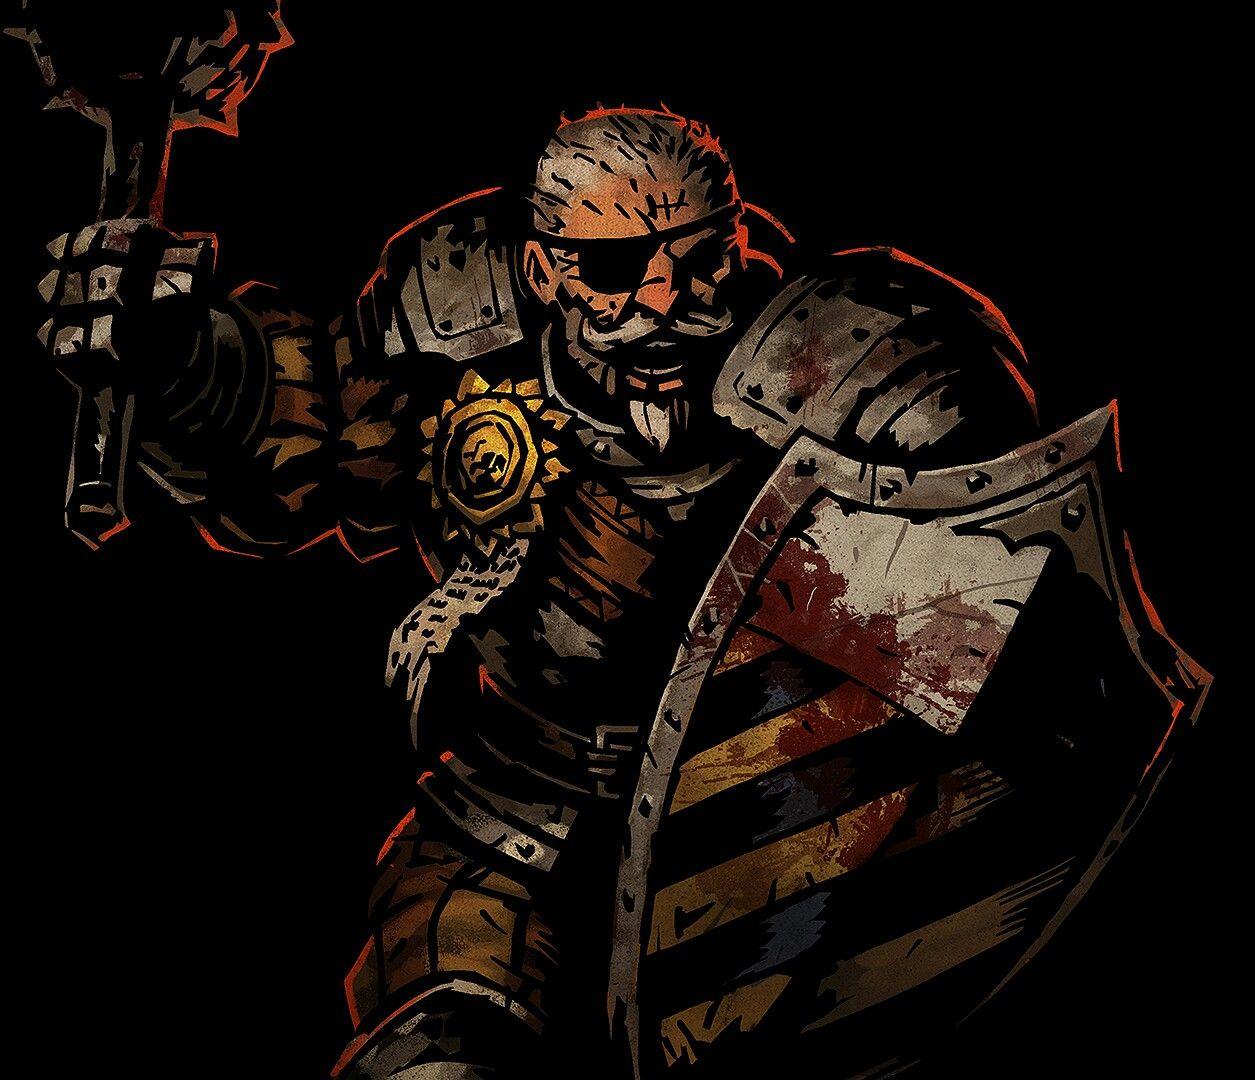 Darkest Dungeon ManatArms Darkest dungeon, Character